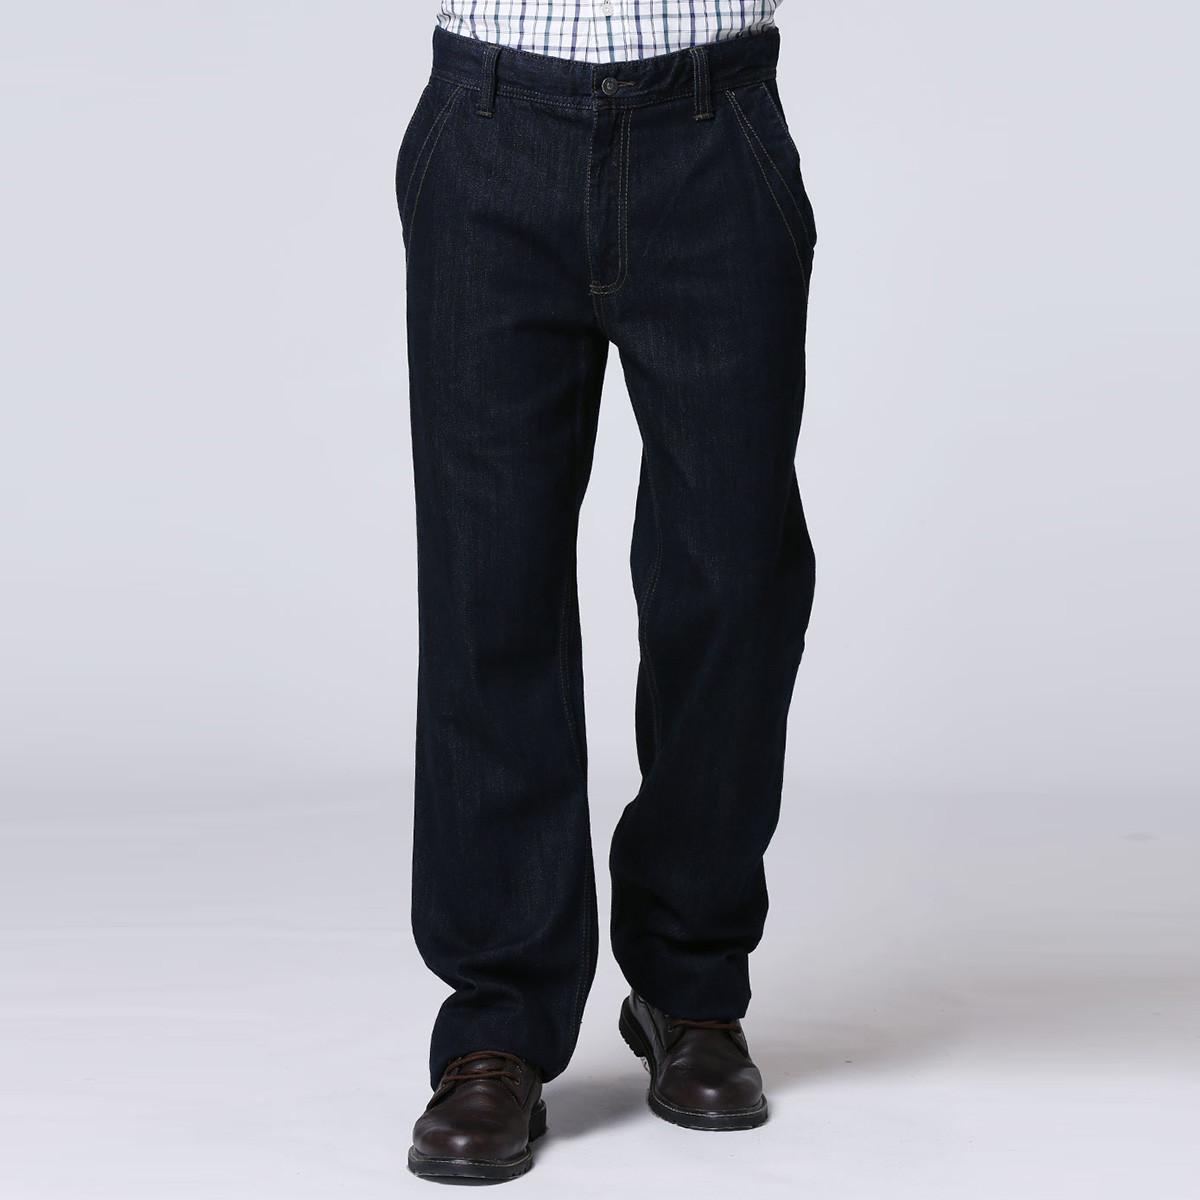 圣大保罗圣大保罗秋冬商务休闲全棉舒适合身版男款休闲裤PW11WP140K9